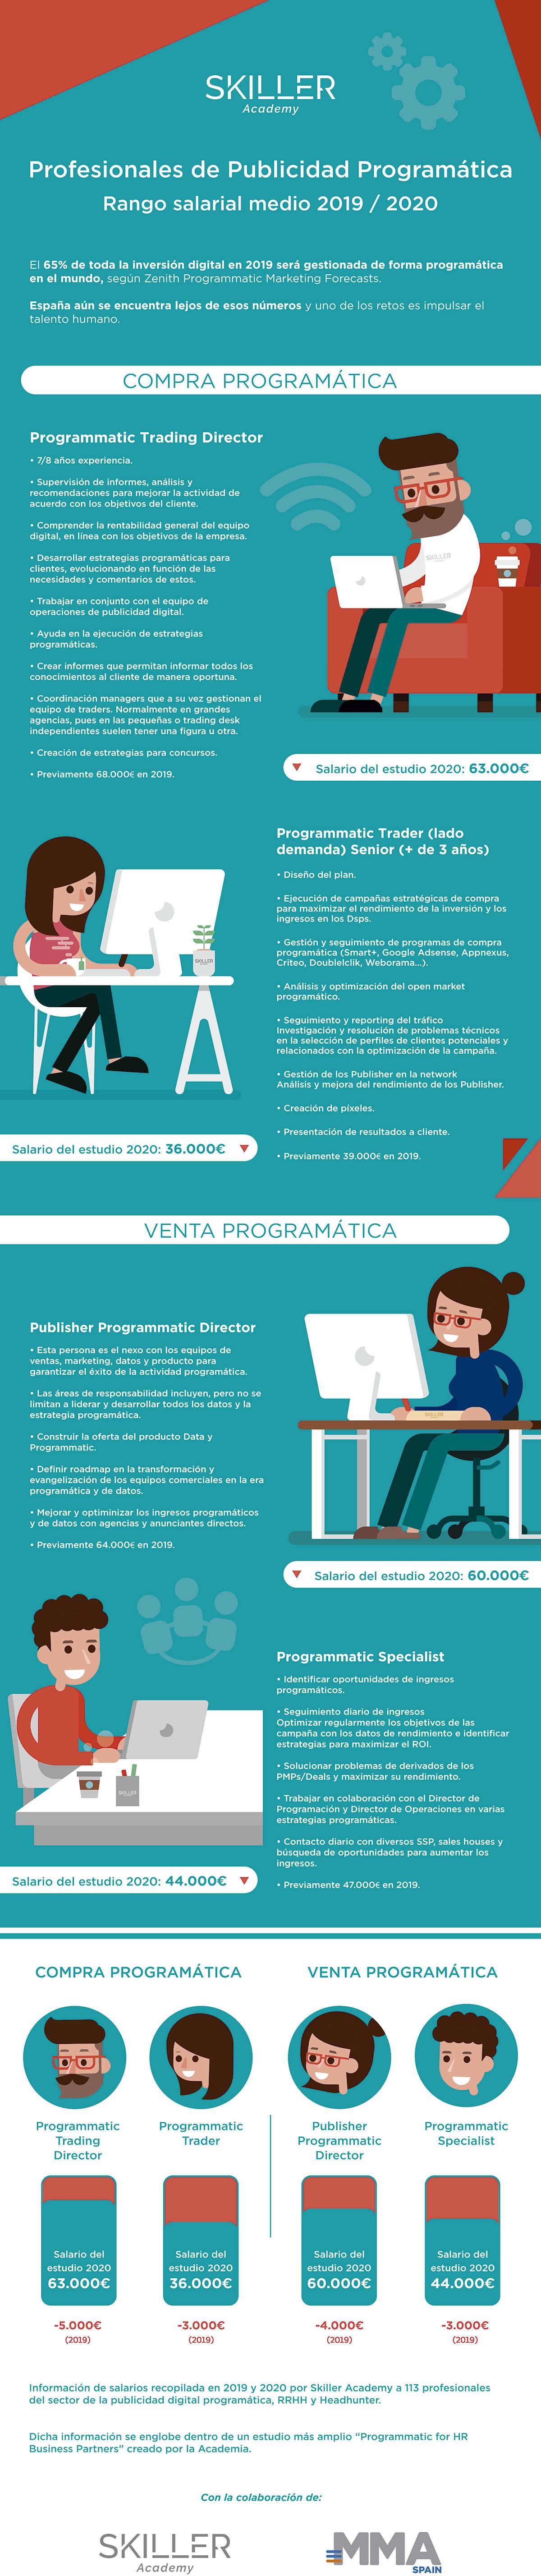 publicidad-programatica-skiller-academy